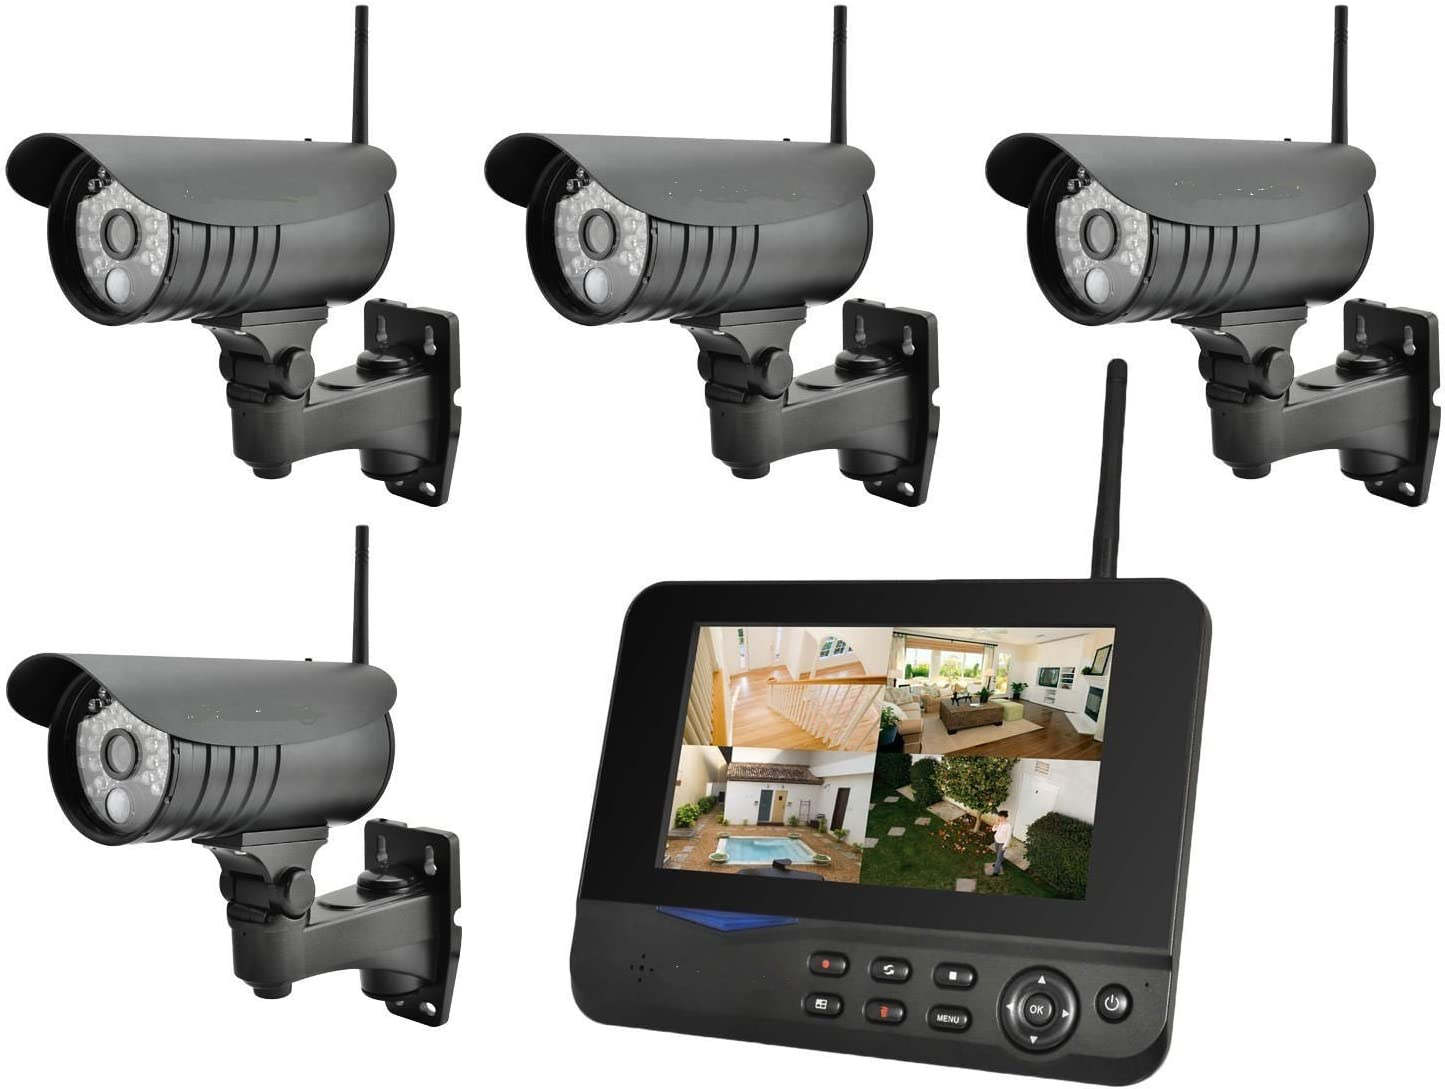 4 cámara BONDWL 15 m de infrarrojos sistema de circuito cerrado de televisión inalámbrico Digital con pantalla LCD Monitor y sensor de movimiento